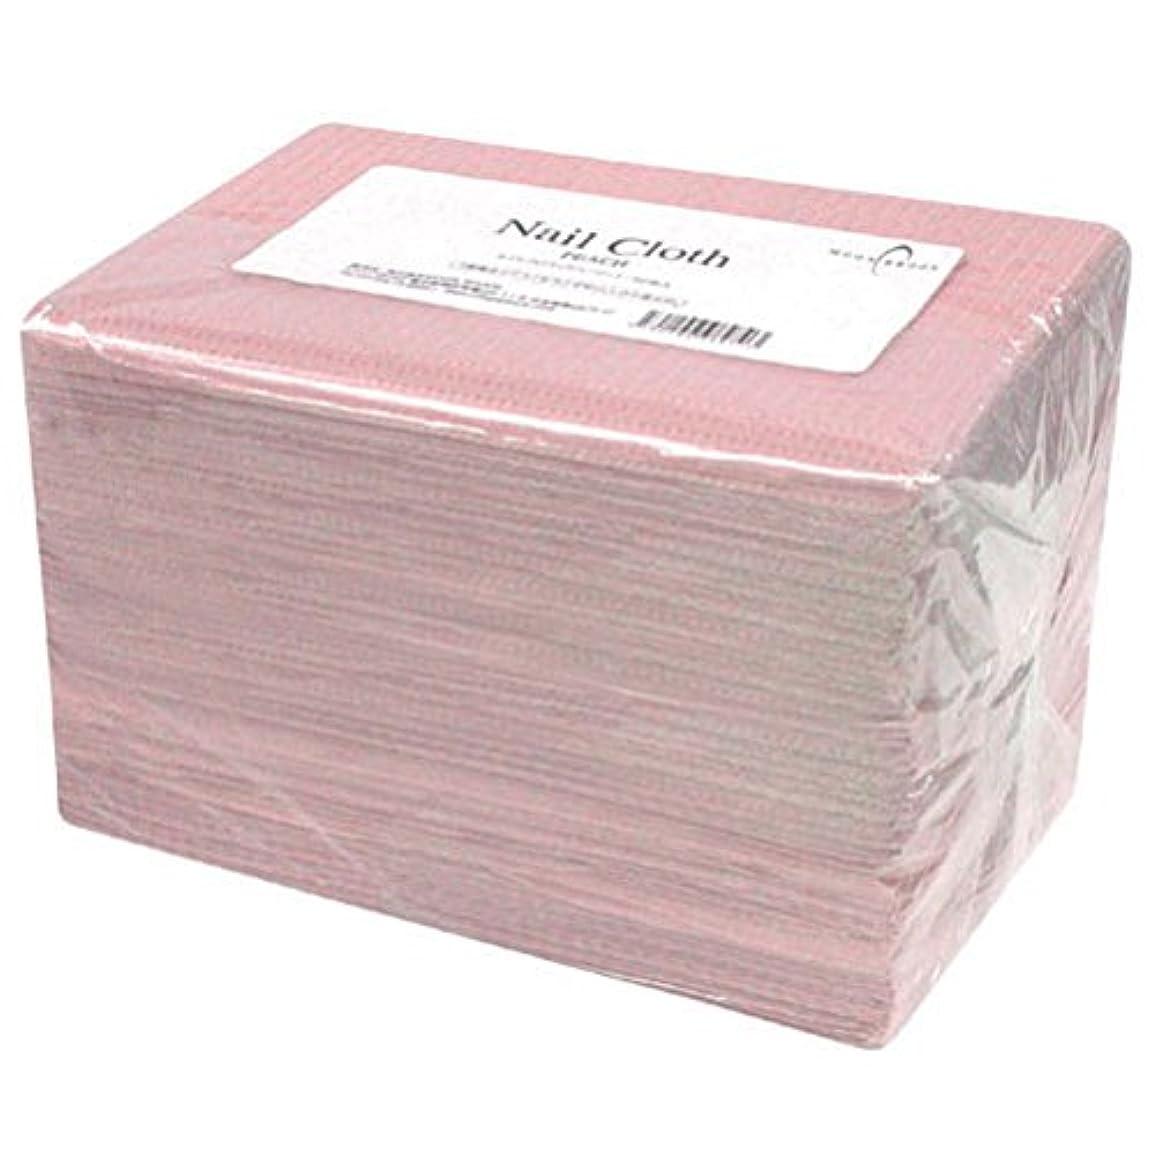 マークダウン手紙を書く電圧Calgel ネイルクロス 50枚 ピーチ